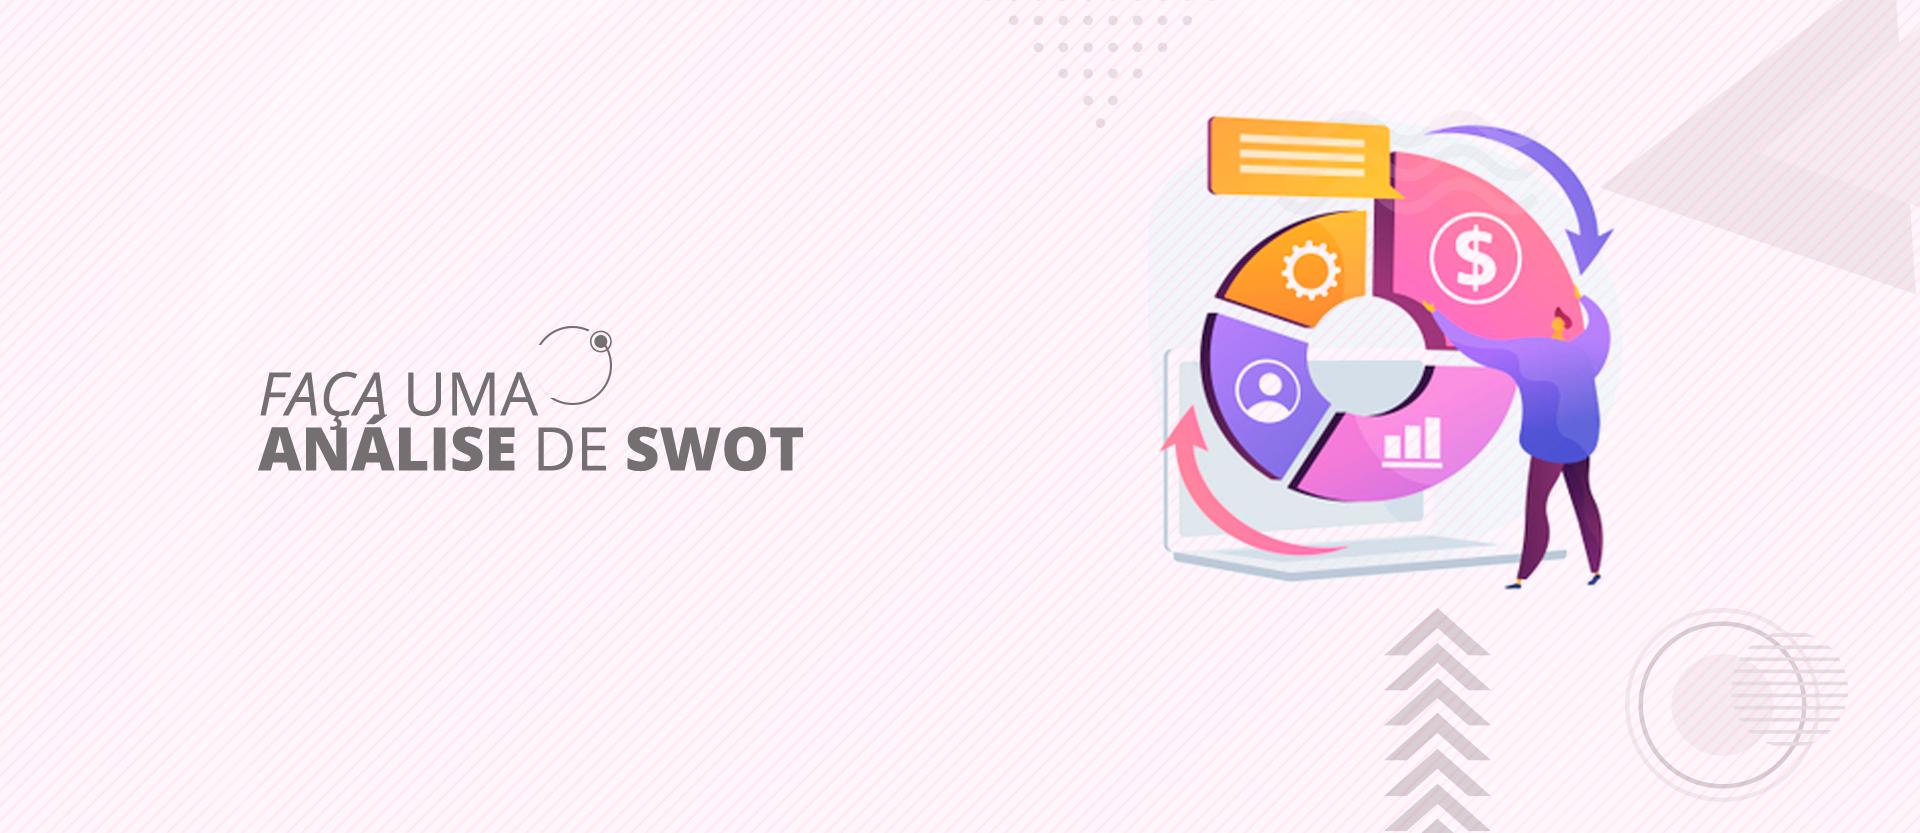 Marketing para Empresas de serviço - Faça uma análise de SWOT